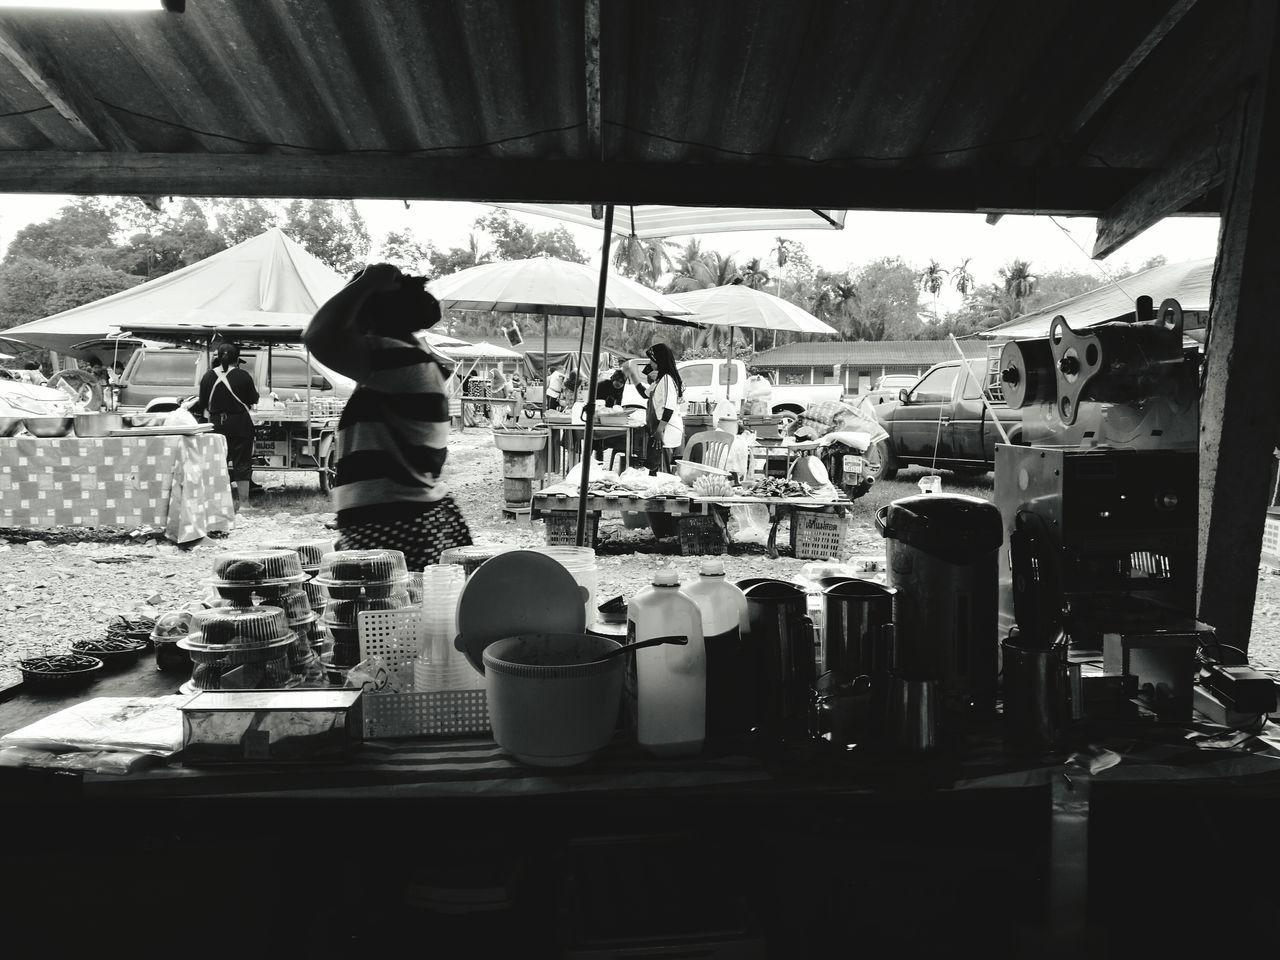 ร้านขายน้ำ Food And Drink Market Stall Real People Thai